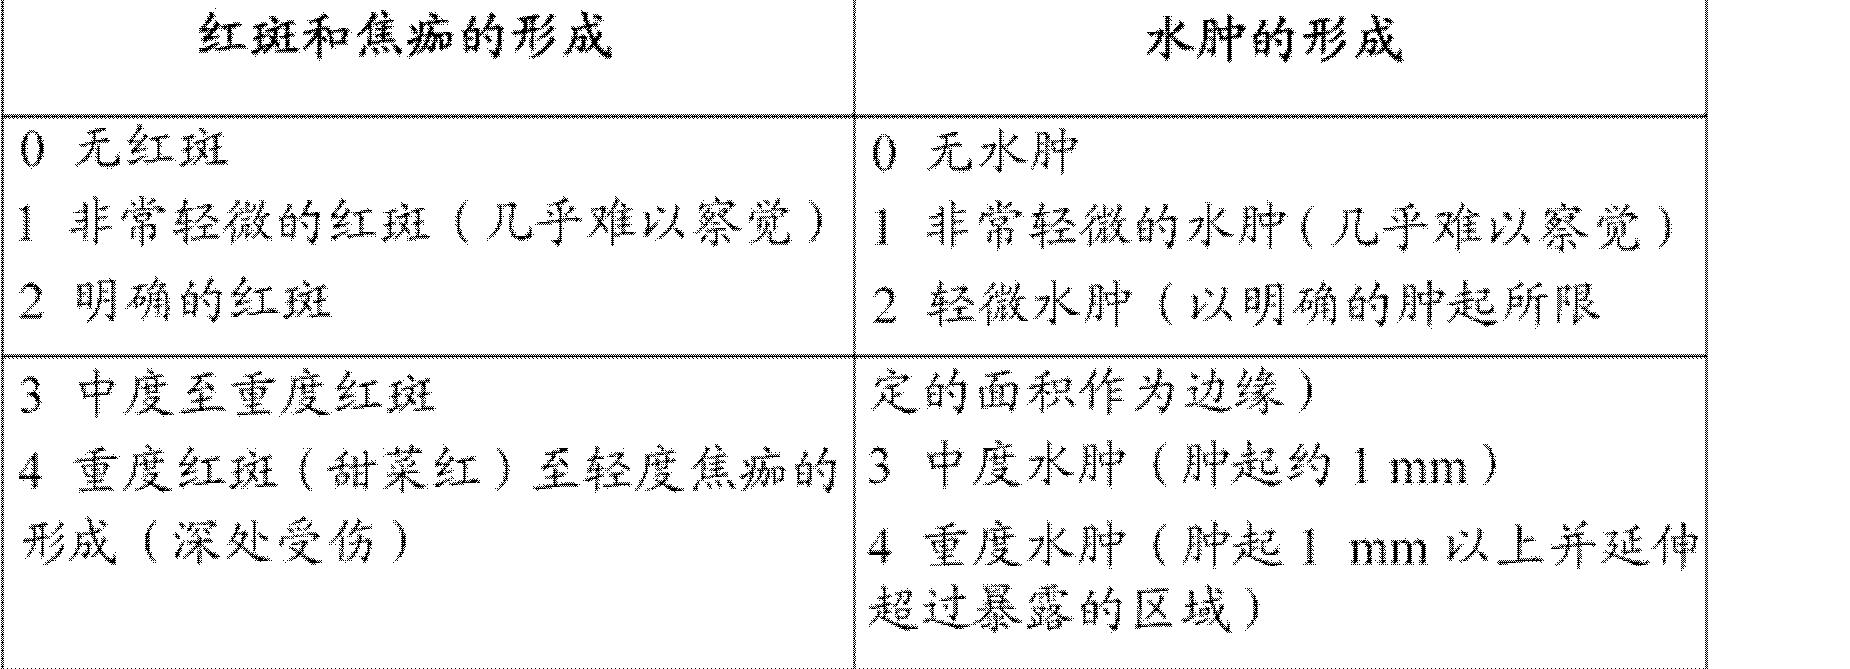 Figure CN102395274BD00571